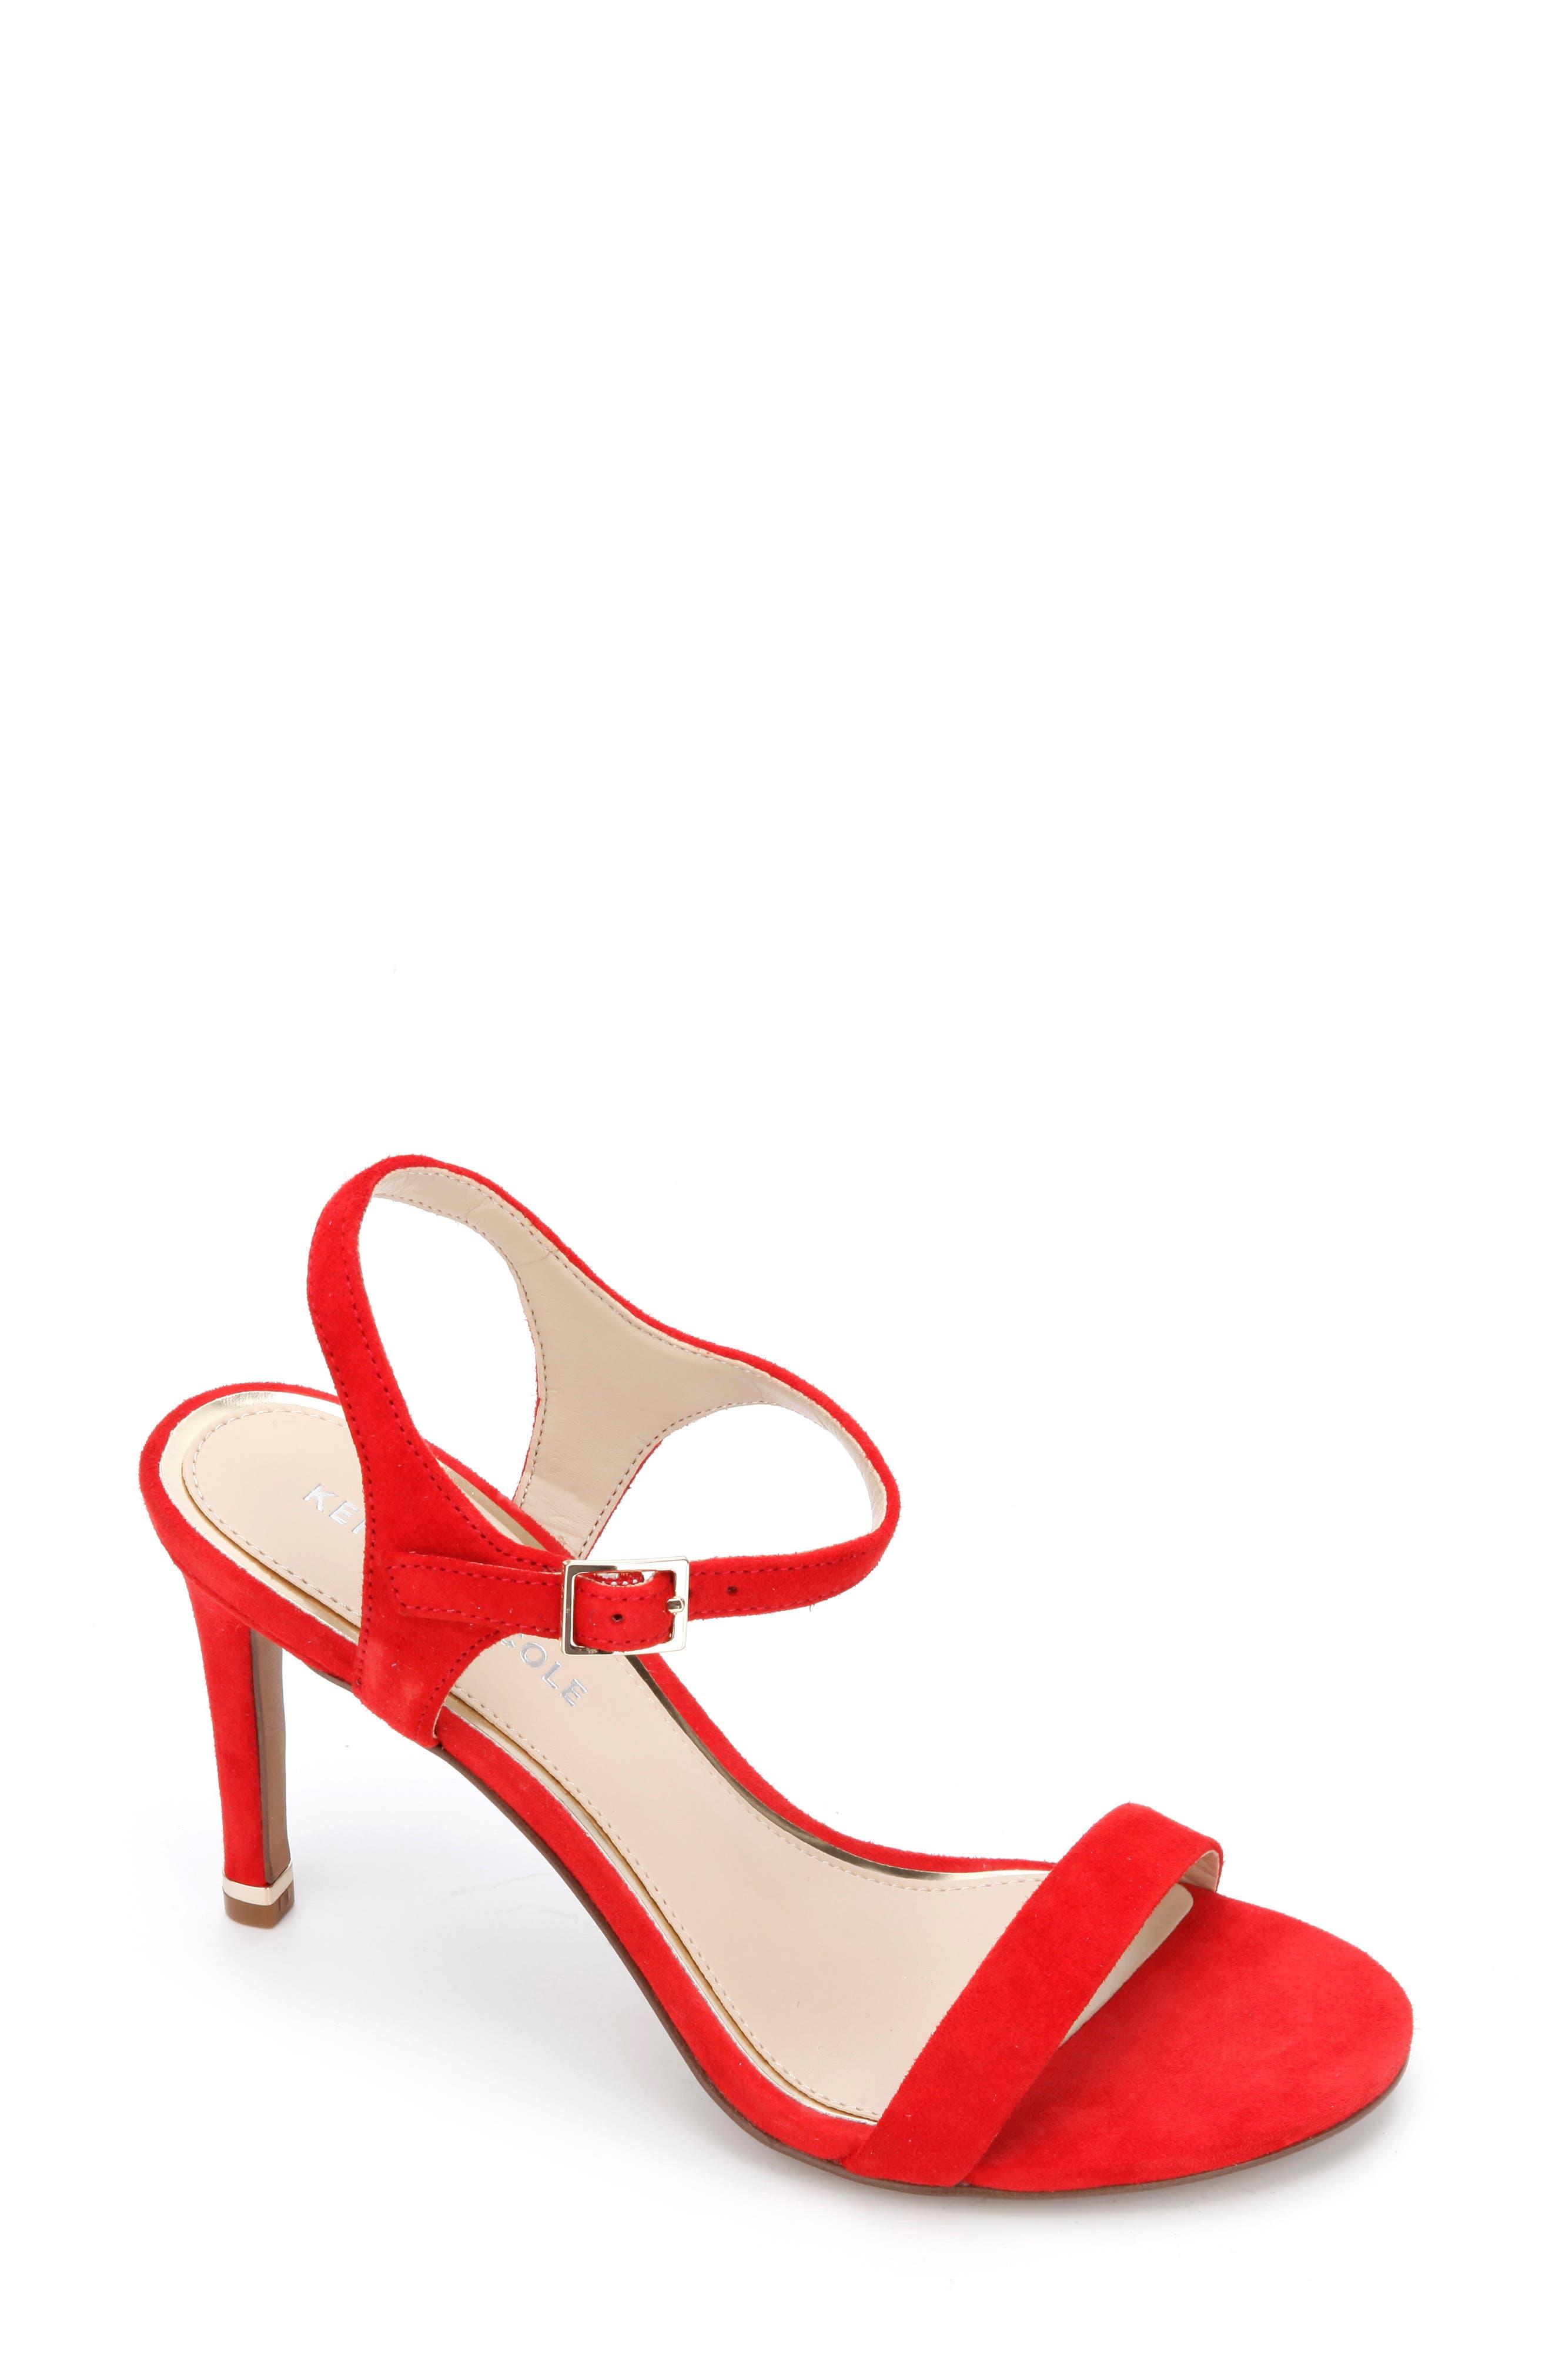 Brandy 85 Ankle Strap Sandal